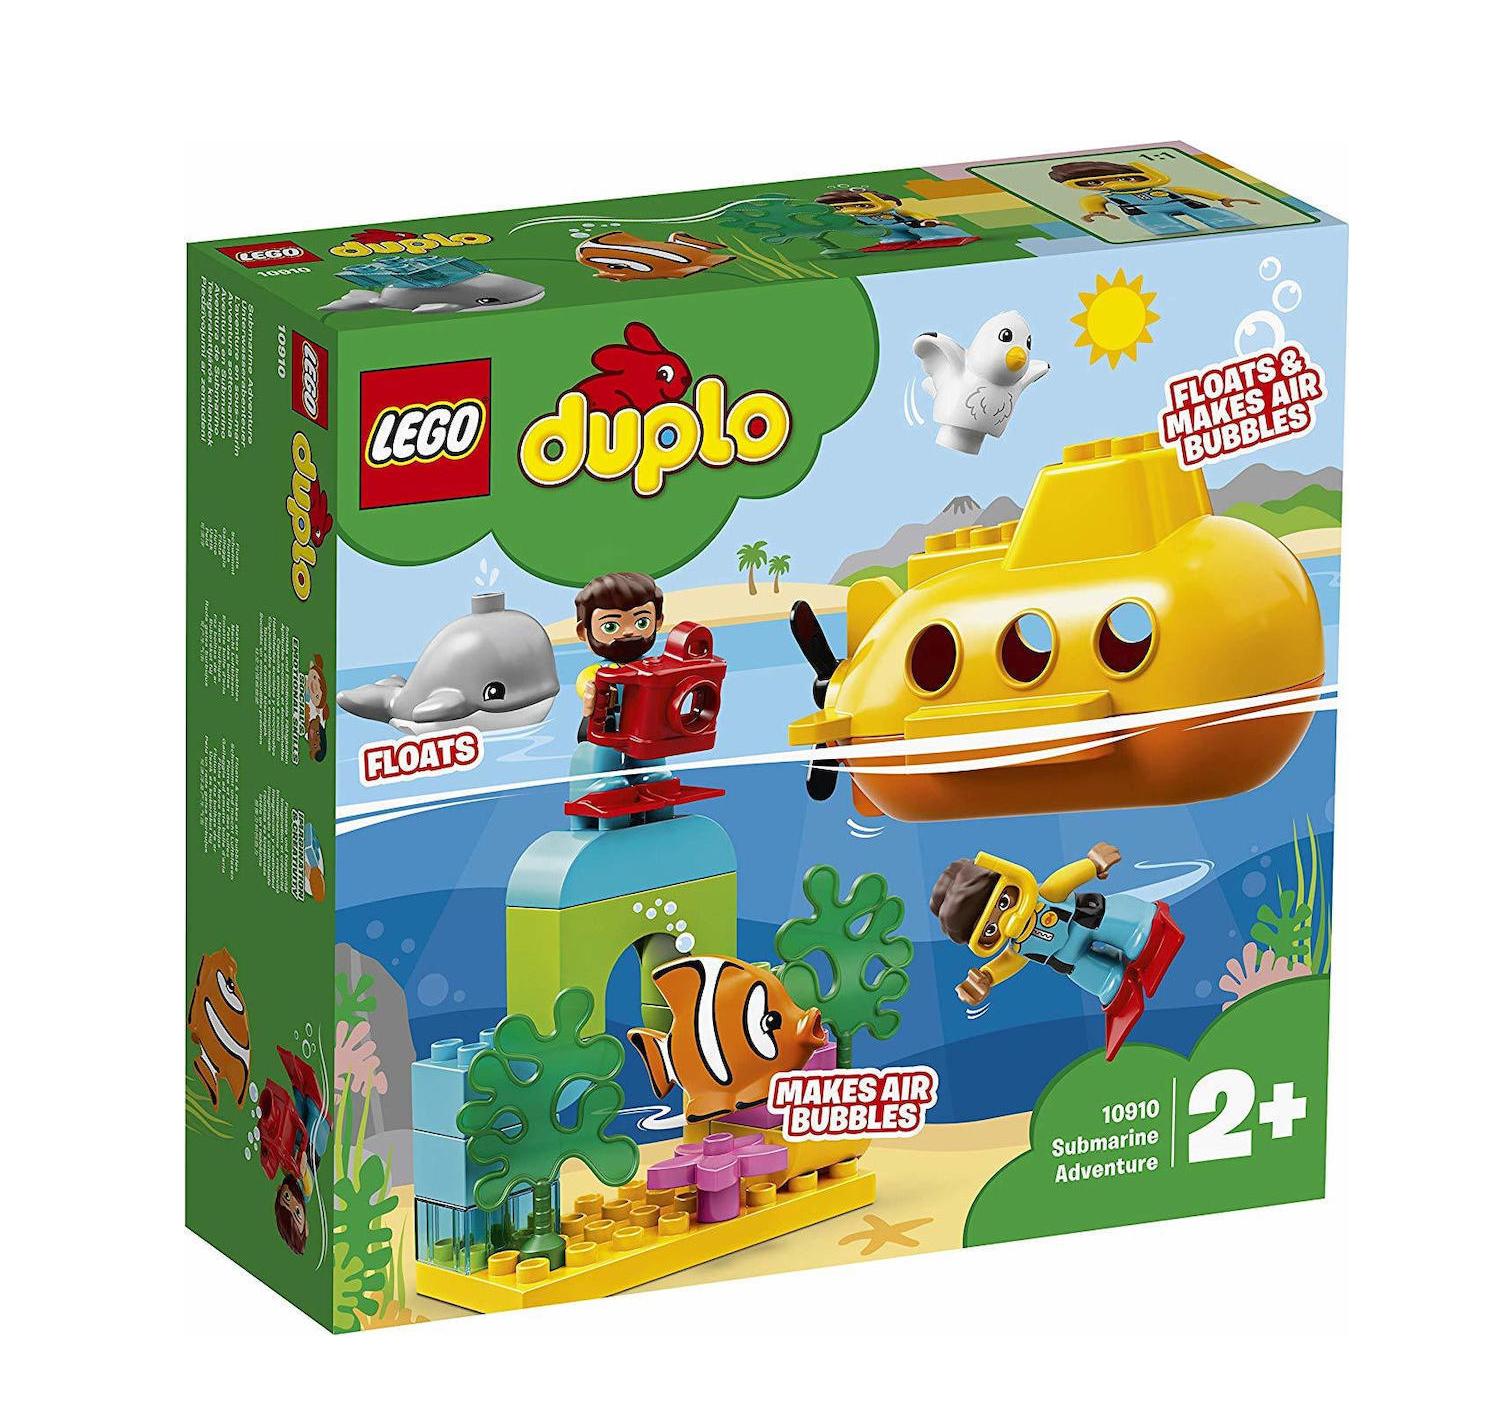 Lego Duplo: Submarine Adventure 10910